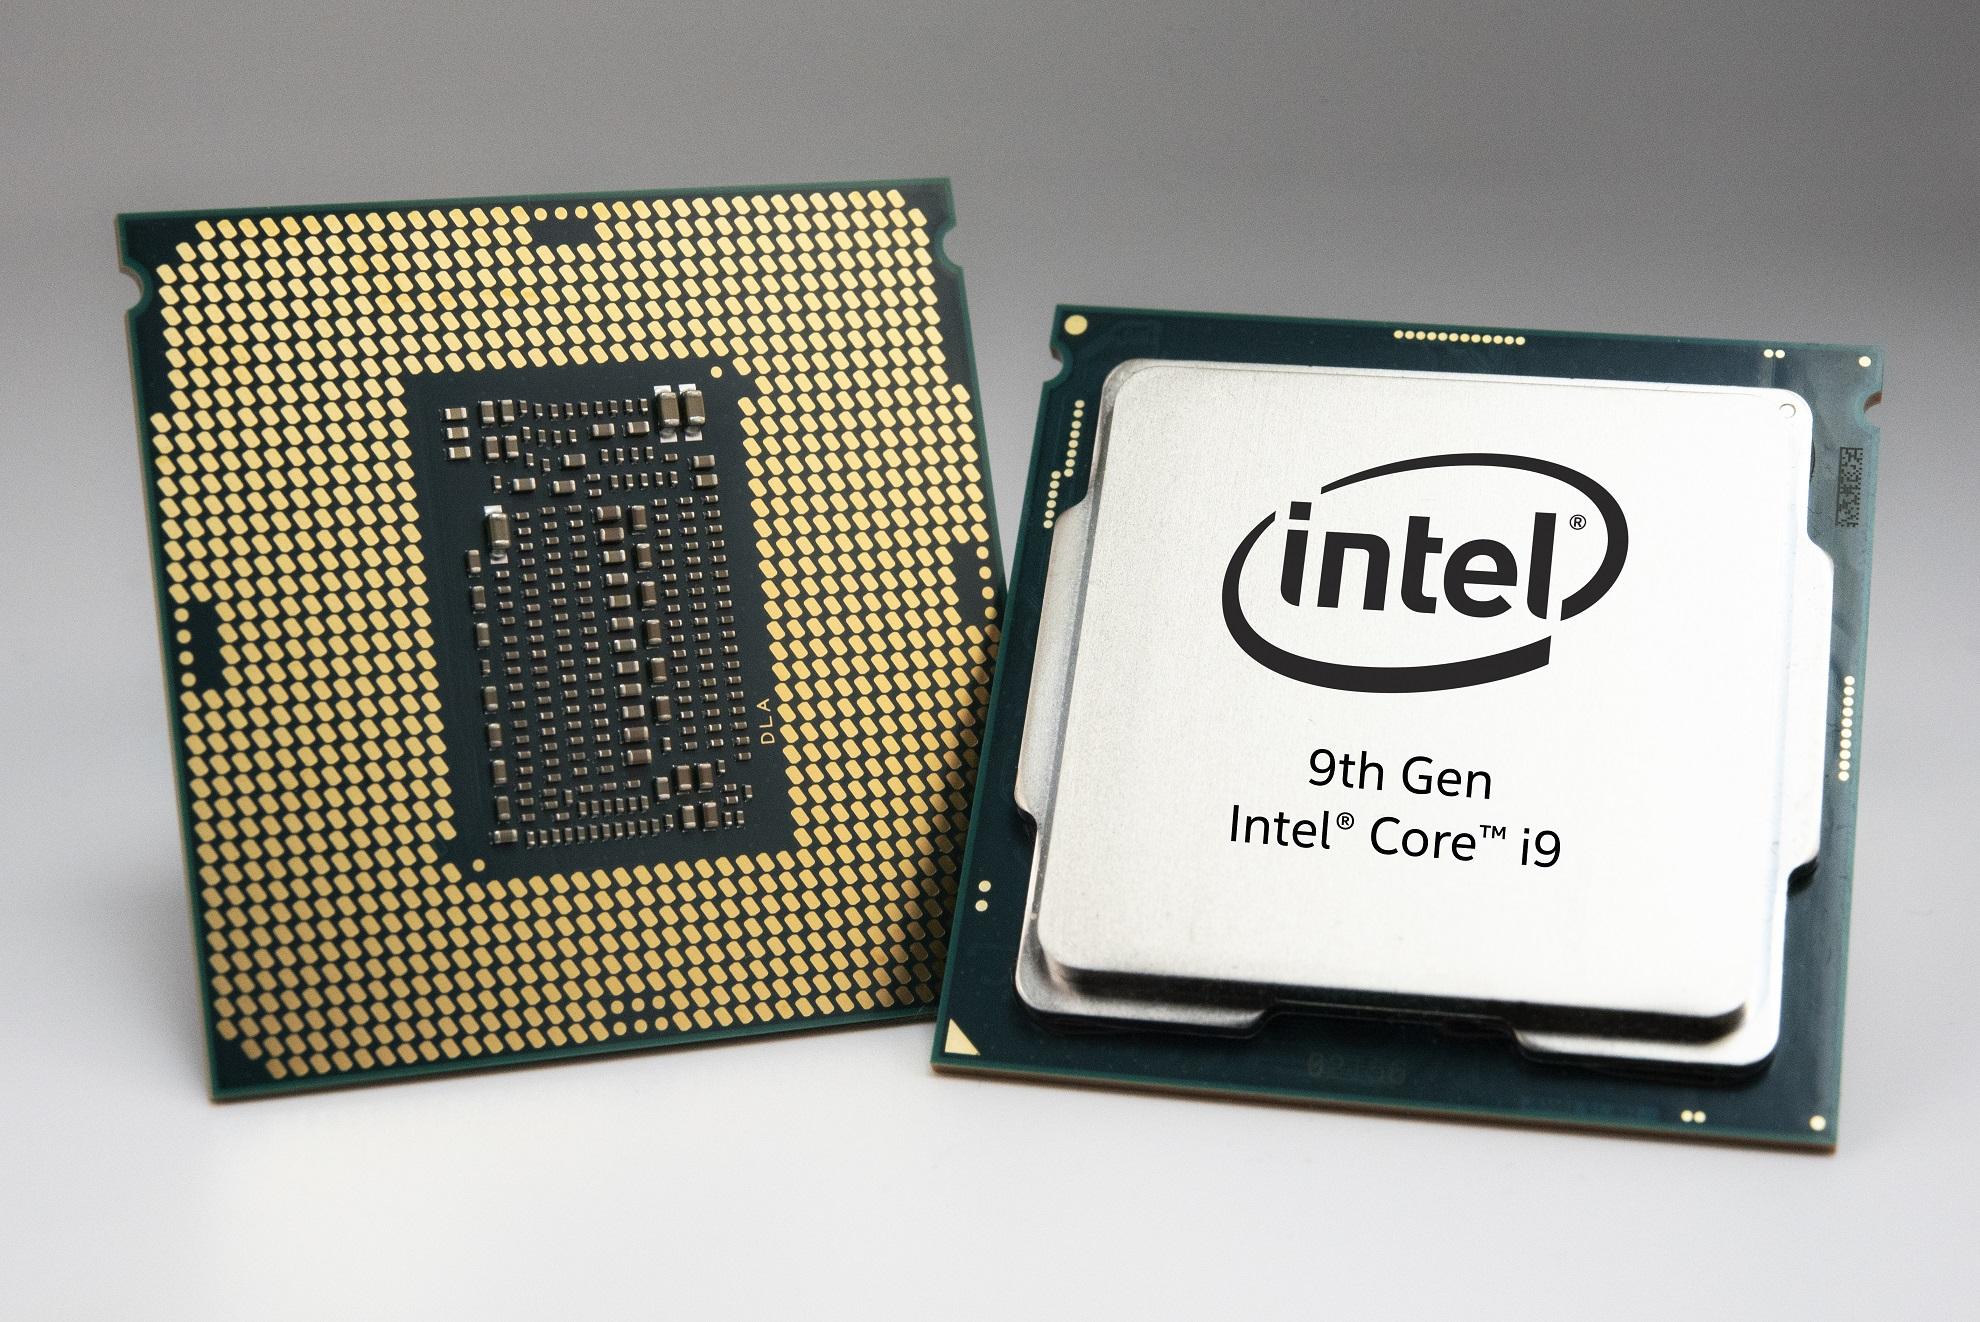 Intel 9th Gen Core desktop processors.